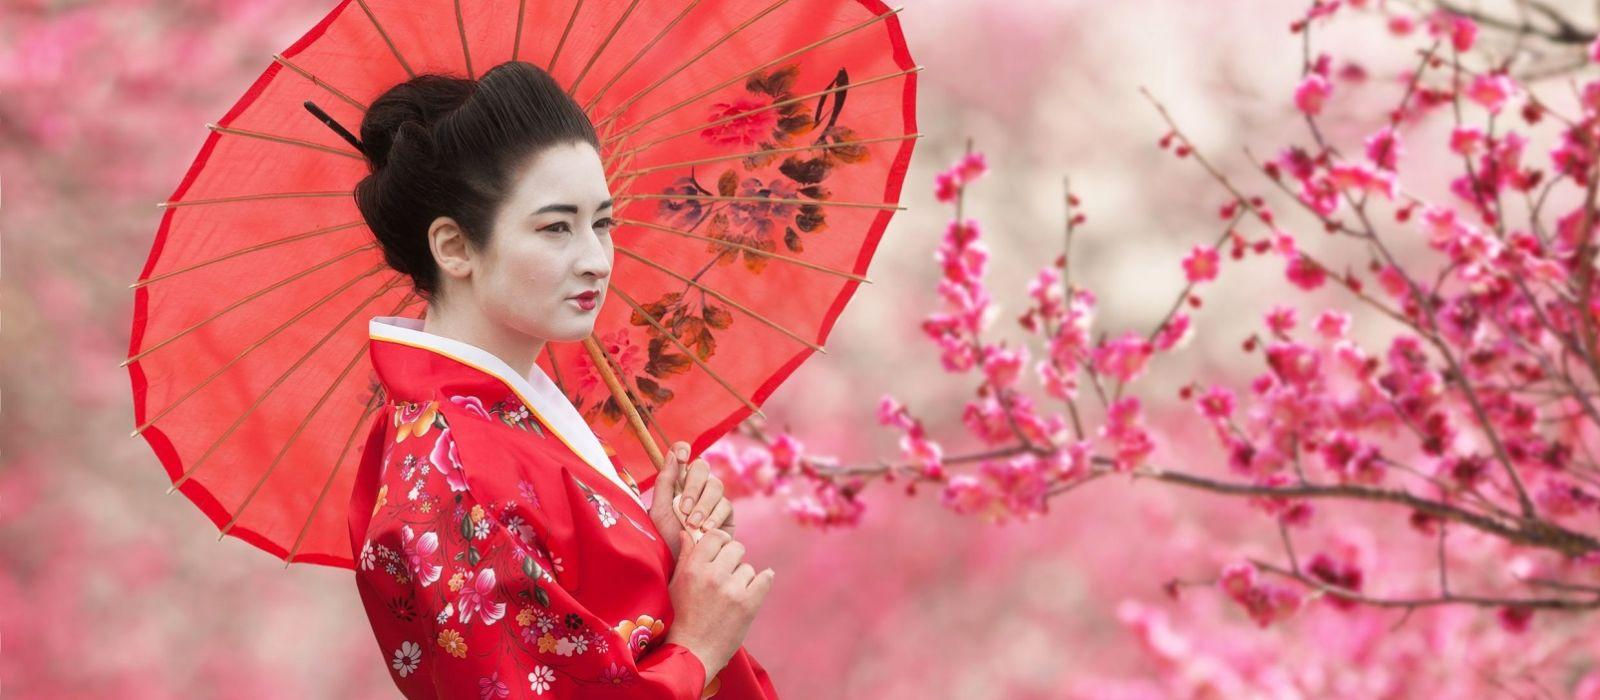 Exklusive Japan Luxusreise Urlaub 3